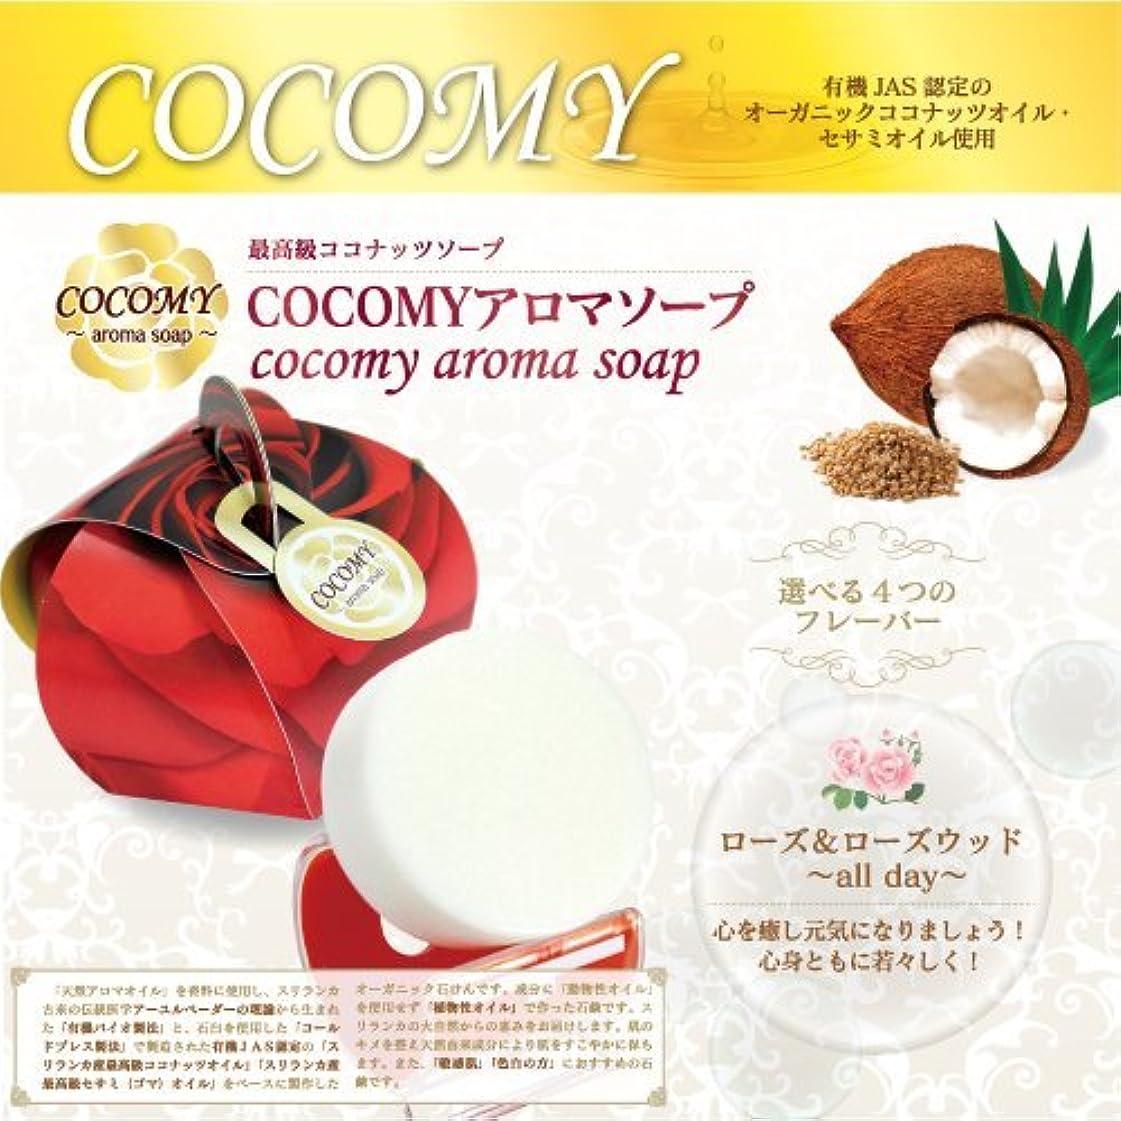 しょっぱいキリスト乱暴なCOCOMY aromaソープ 2個セット (ローズ&ローズウッド) 40g×2